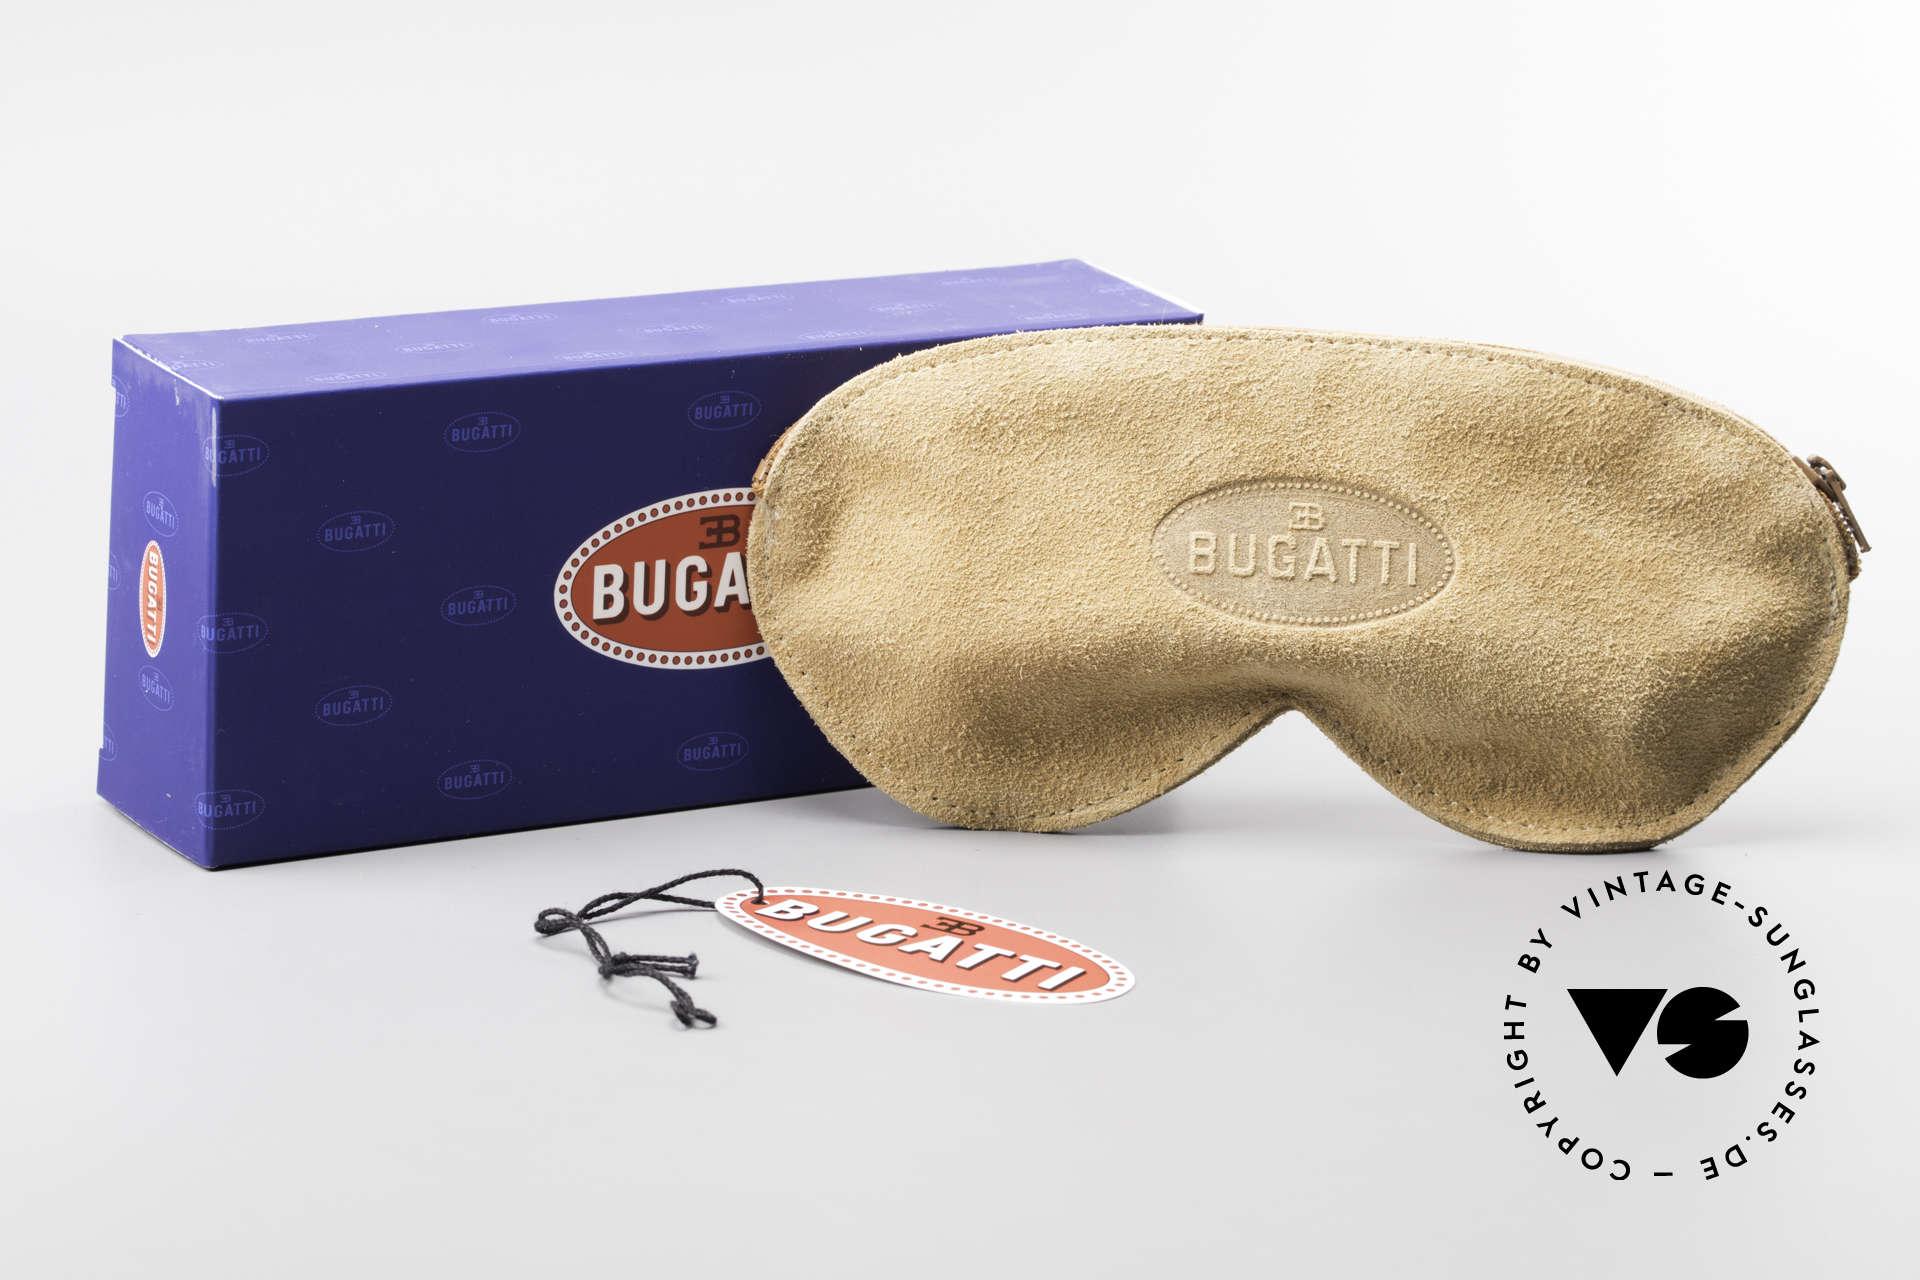 Bugatti 11945 Large Luxury 80's Eyeglasses, Size: large, Made for Men